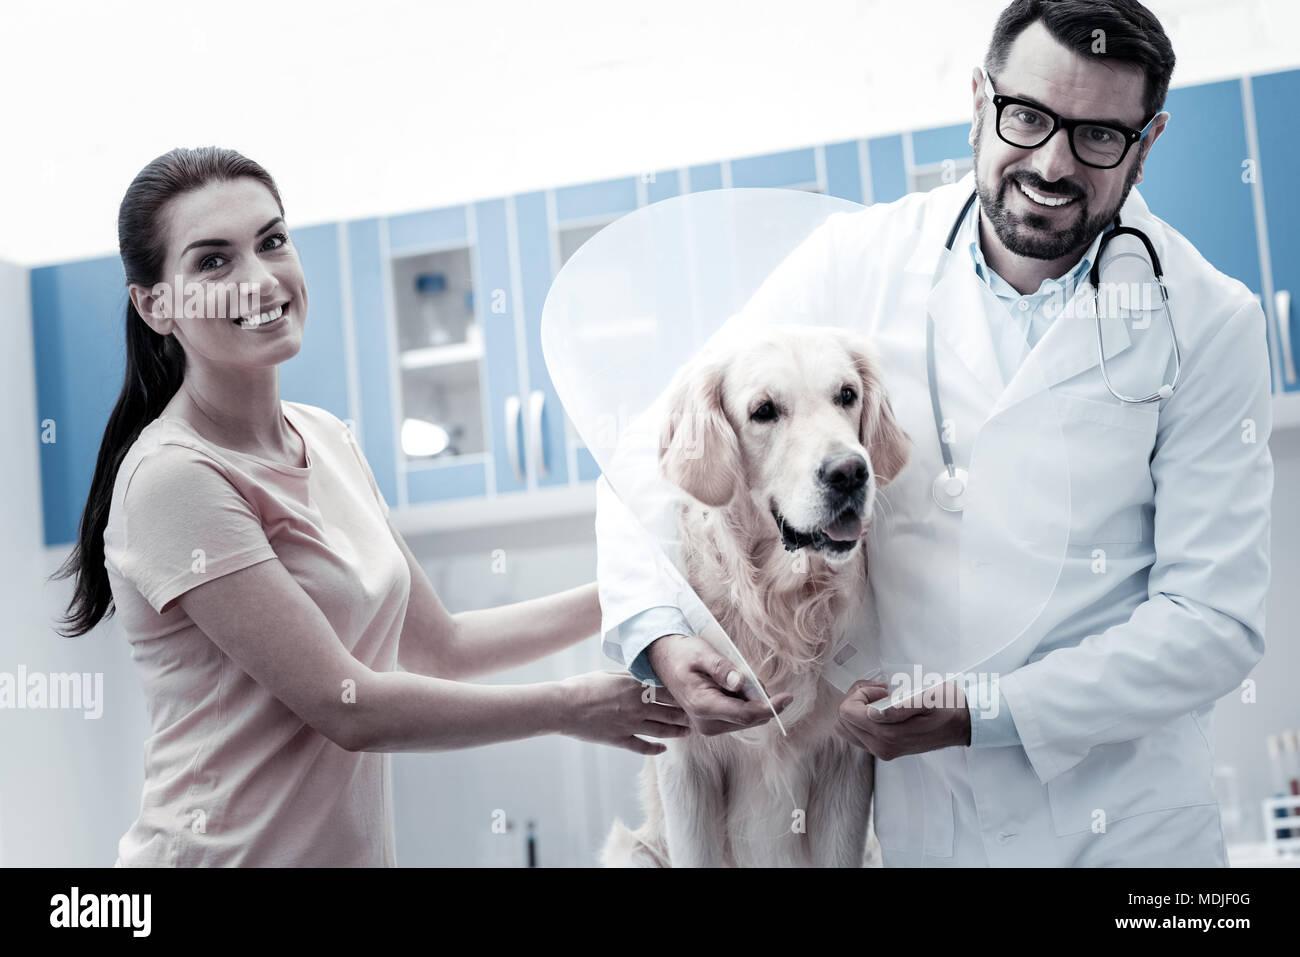 Freudige positiver Mann e Kragen auf den Hund setzen Stockbild